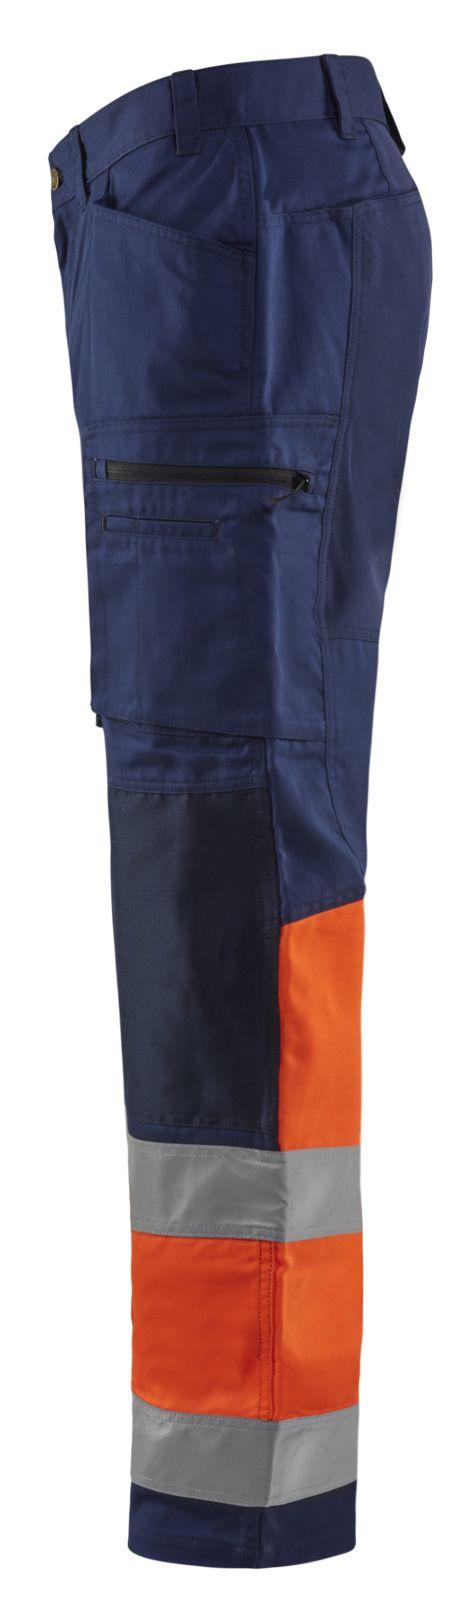 Blaklader Softshell werkbroeken 15511811 High Vis marineblauw-oranje(8953)